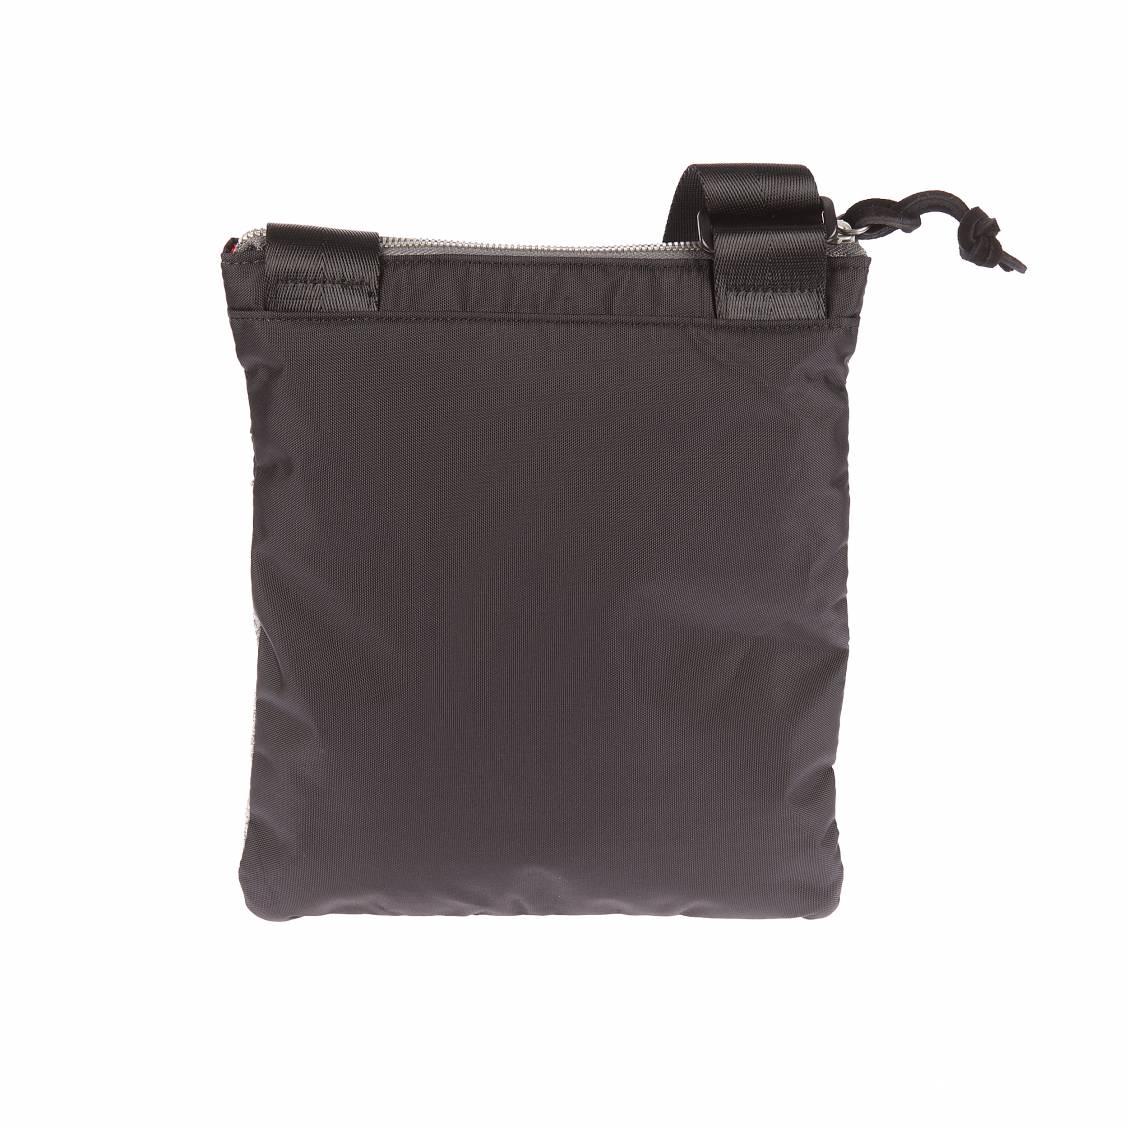 Sacoche plate porté croisé Diesel F-Scuba Cross noire à empiècement gris chiné WMrSQHJ6uy